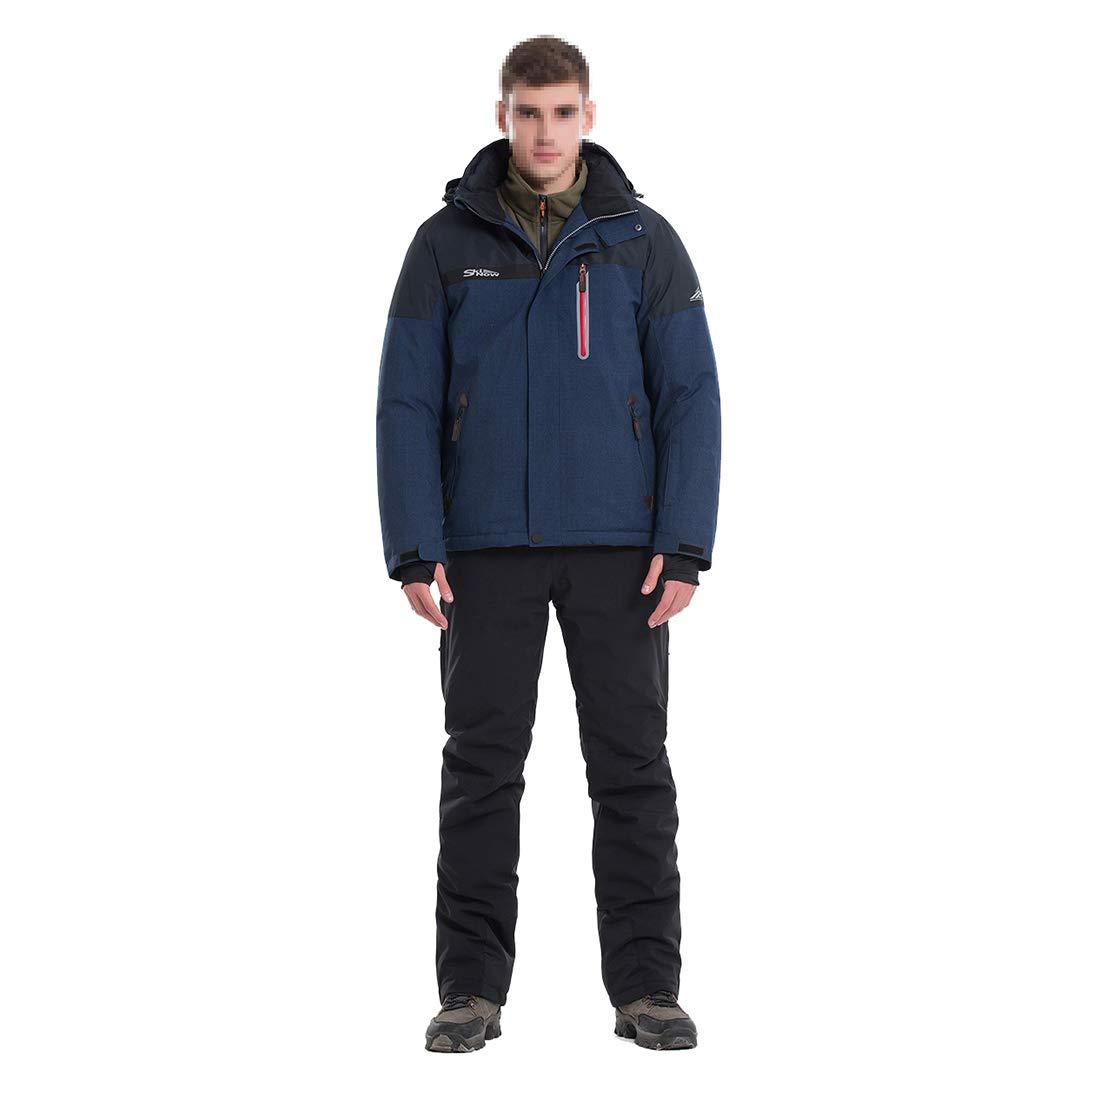 メンズスキージャケットスノーボード防水防風スノージャケットゼロコート (Color : ブルー, サイズ : XXL) ブルー XX-Large